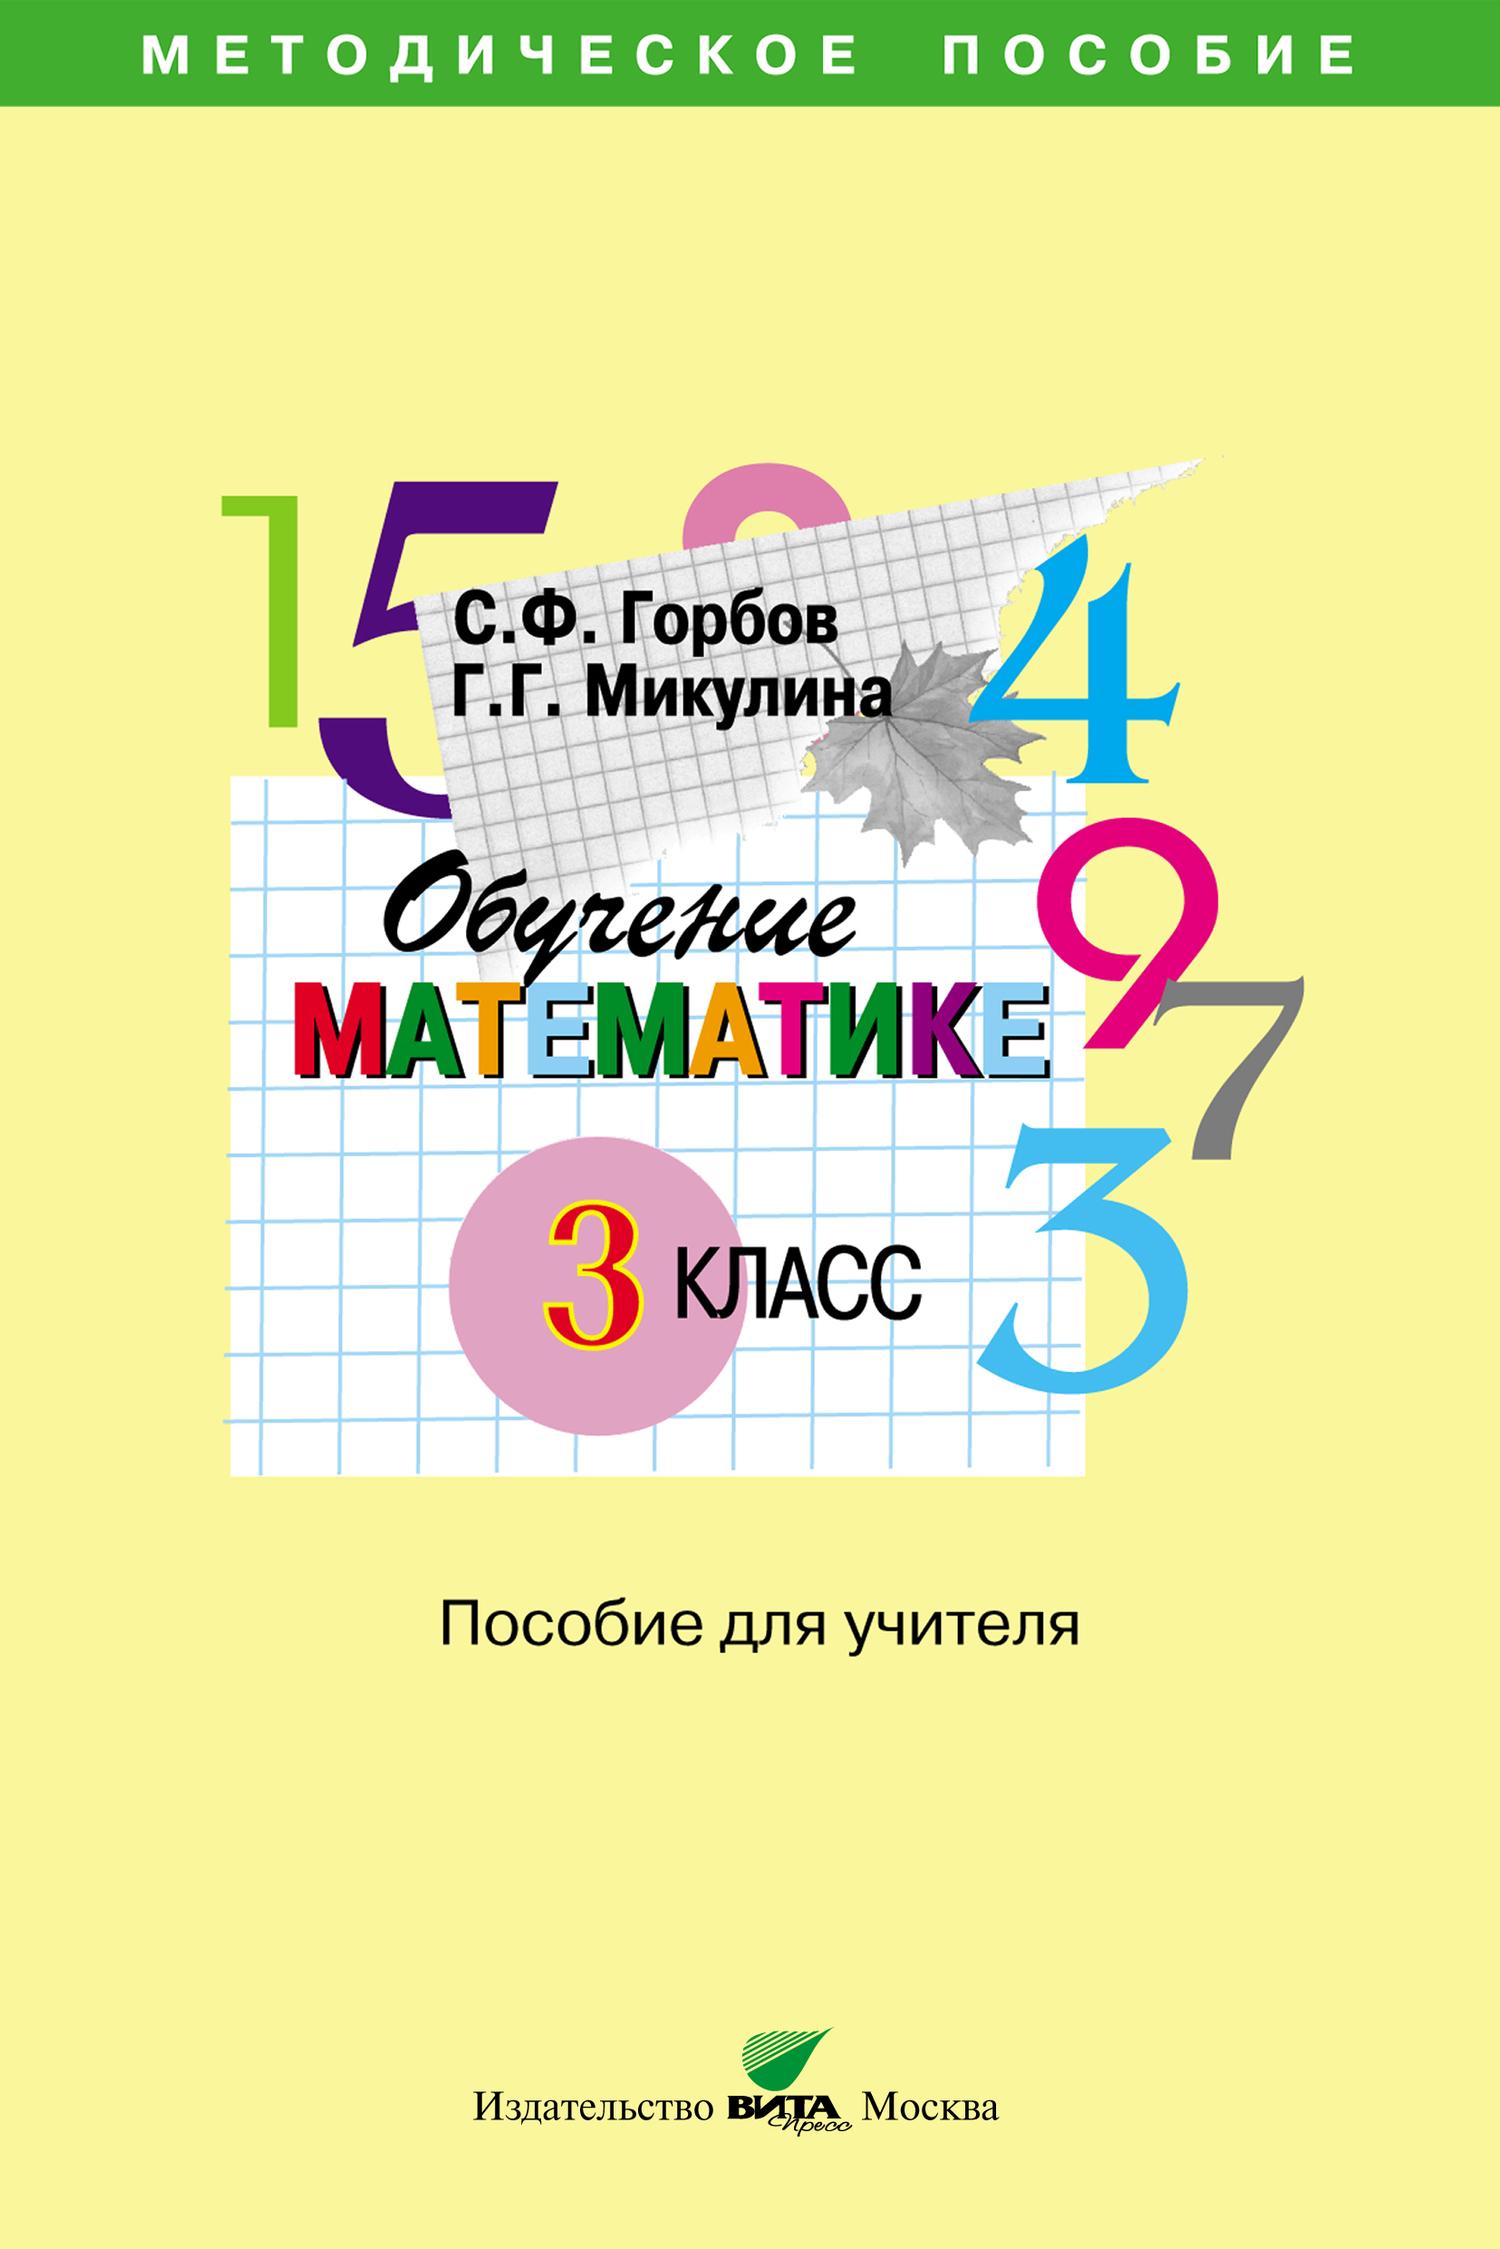 С. Ф. Горбов. Обучение математике. 3 класс. Пособие для учителя начальной школы